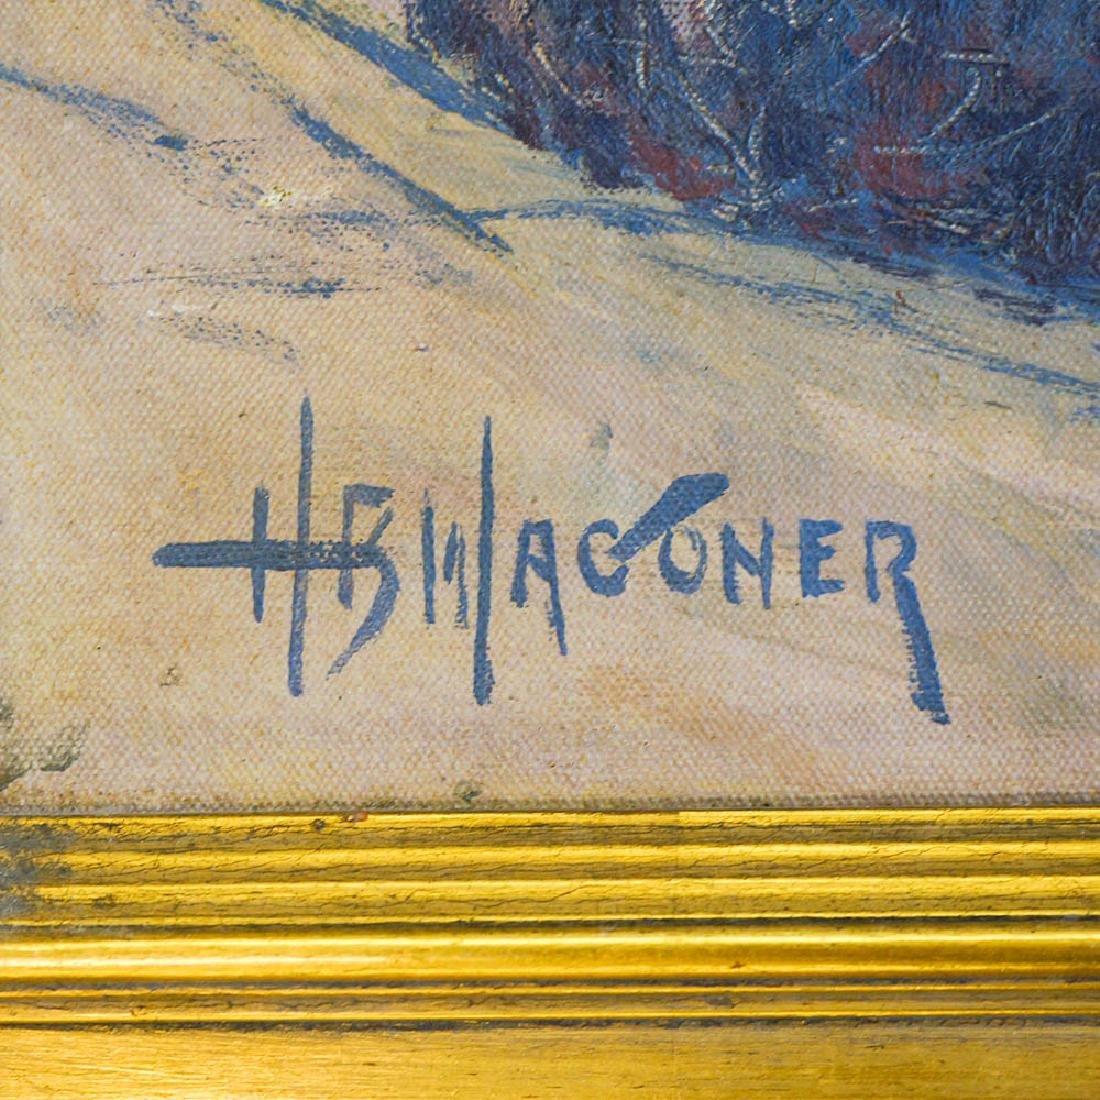 Harry Wagoner (1889-1950) Framed Oil Painting - 3